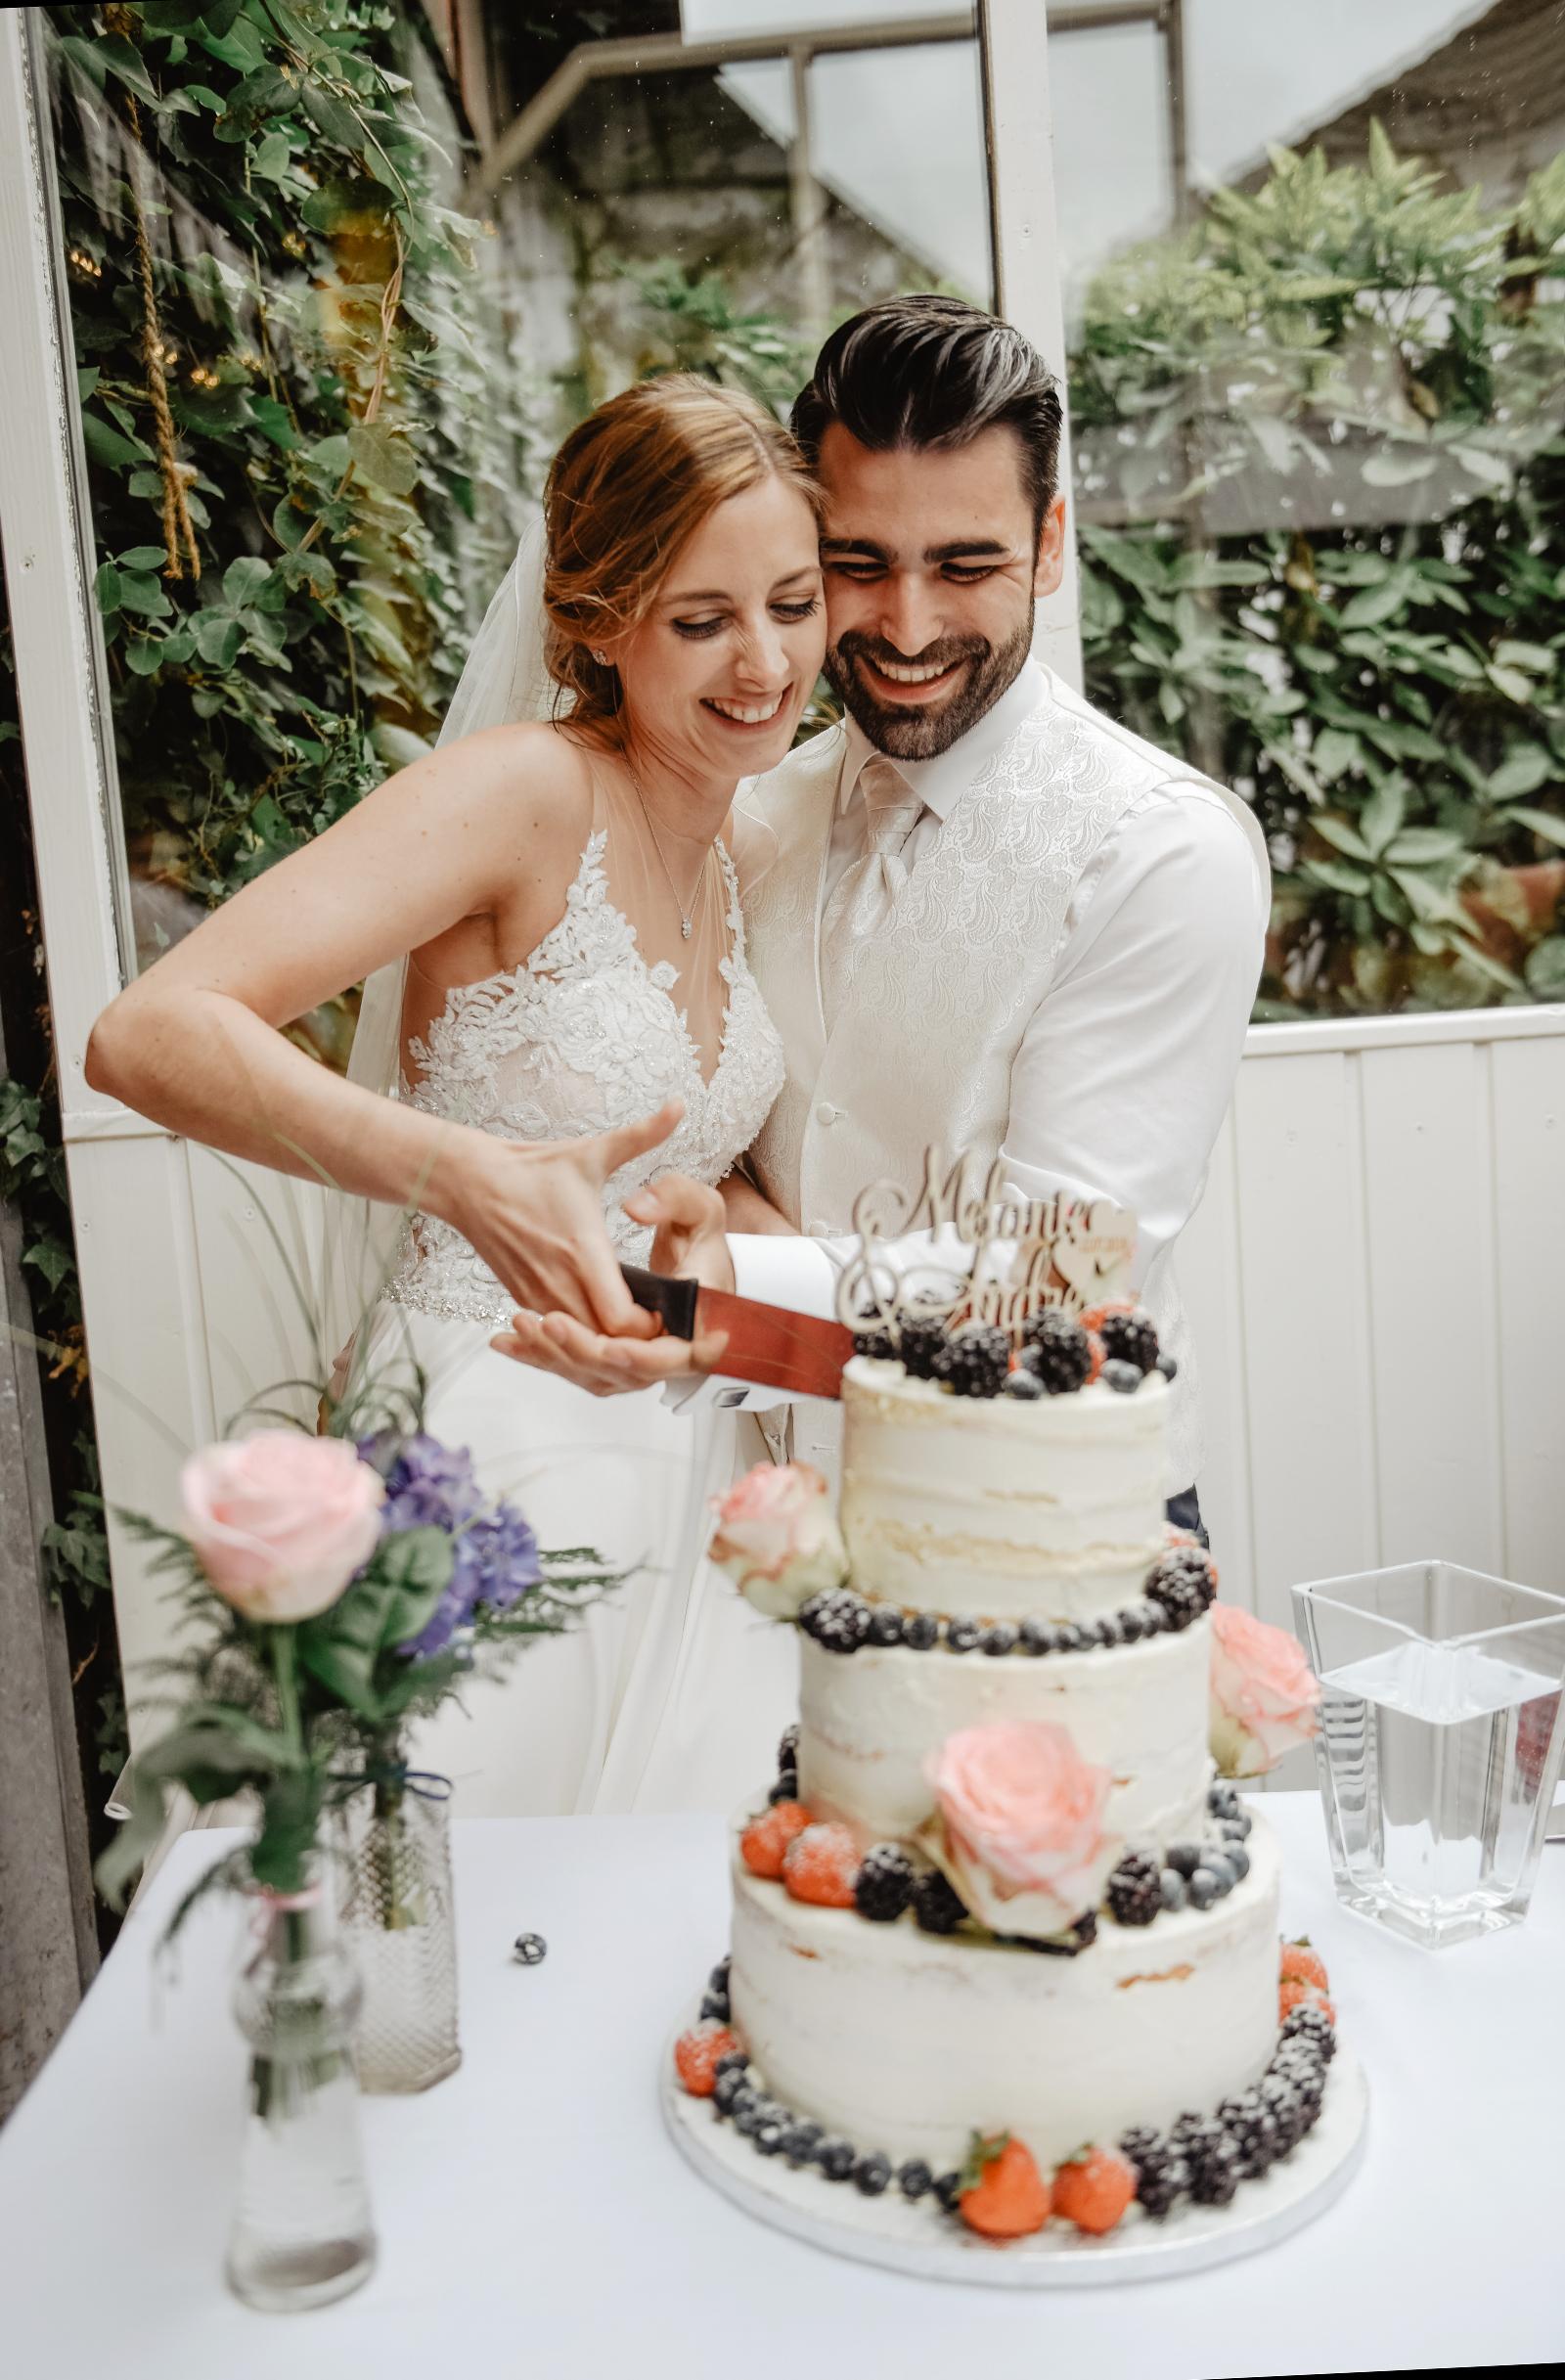 M & A beim Anschnitt der Hochzeitstorte